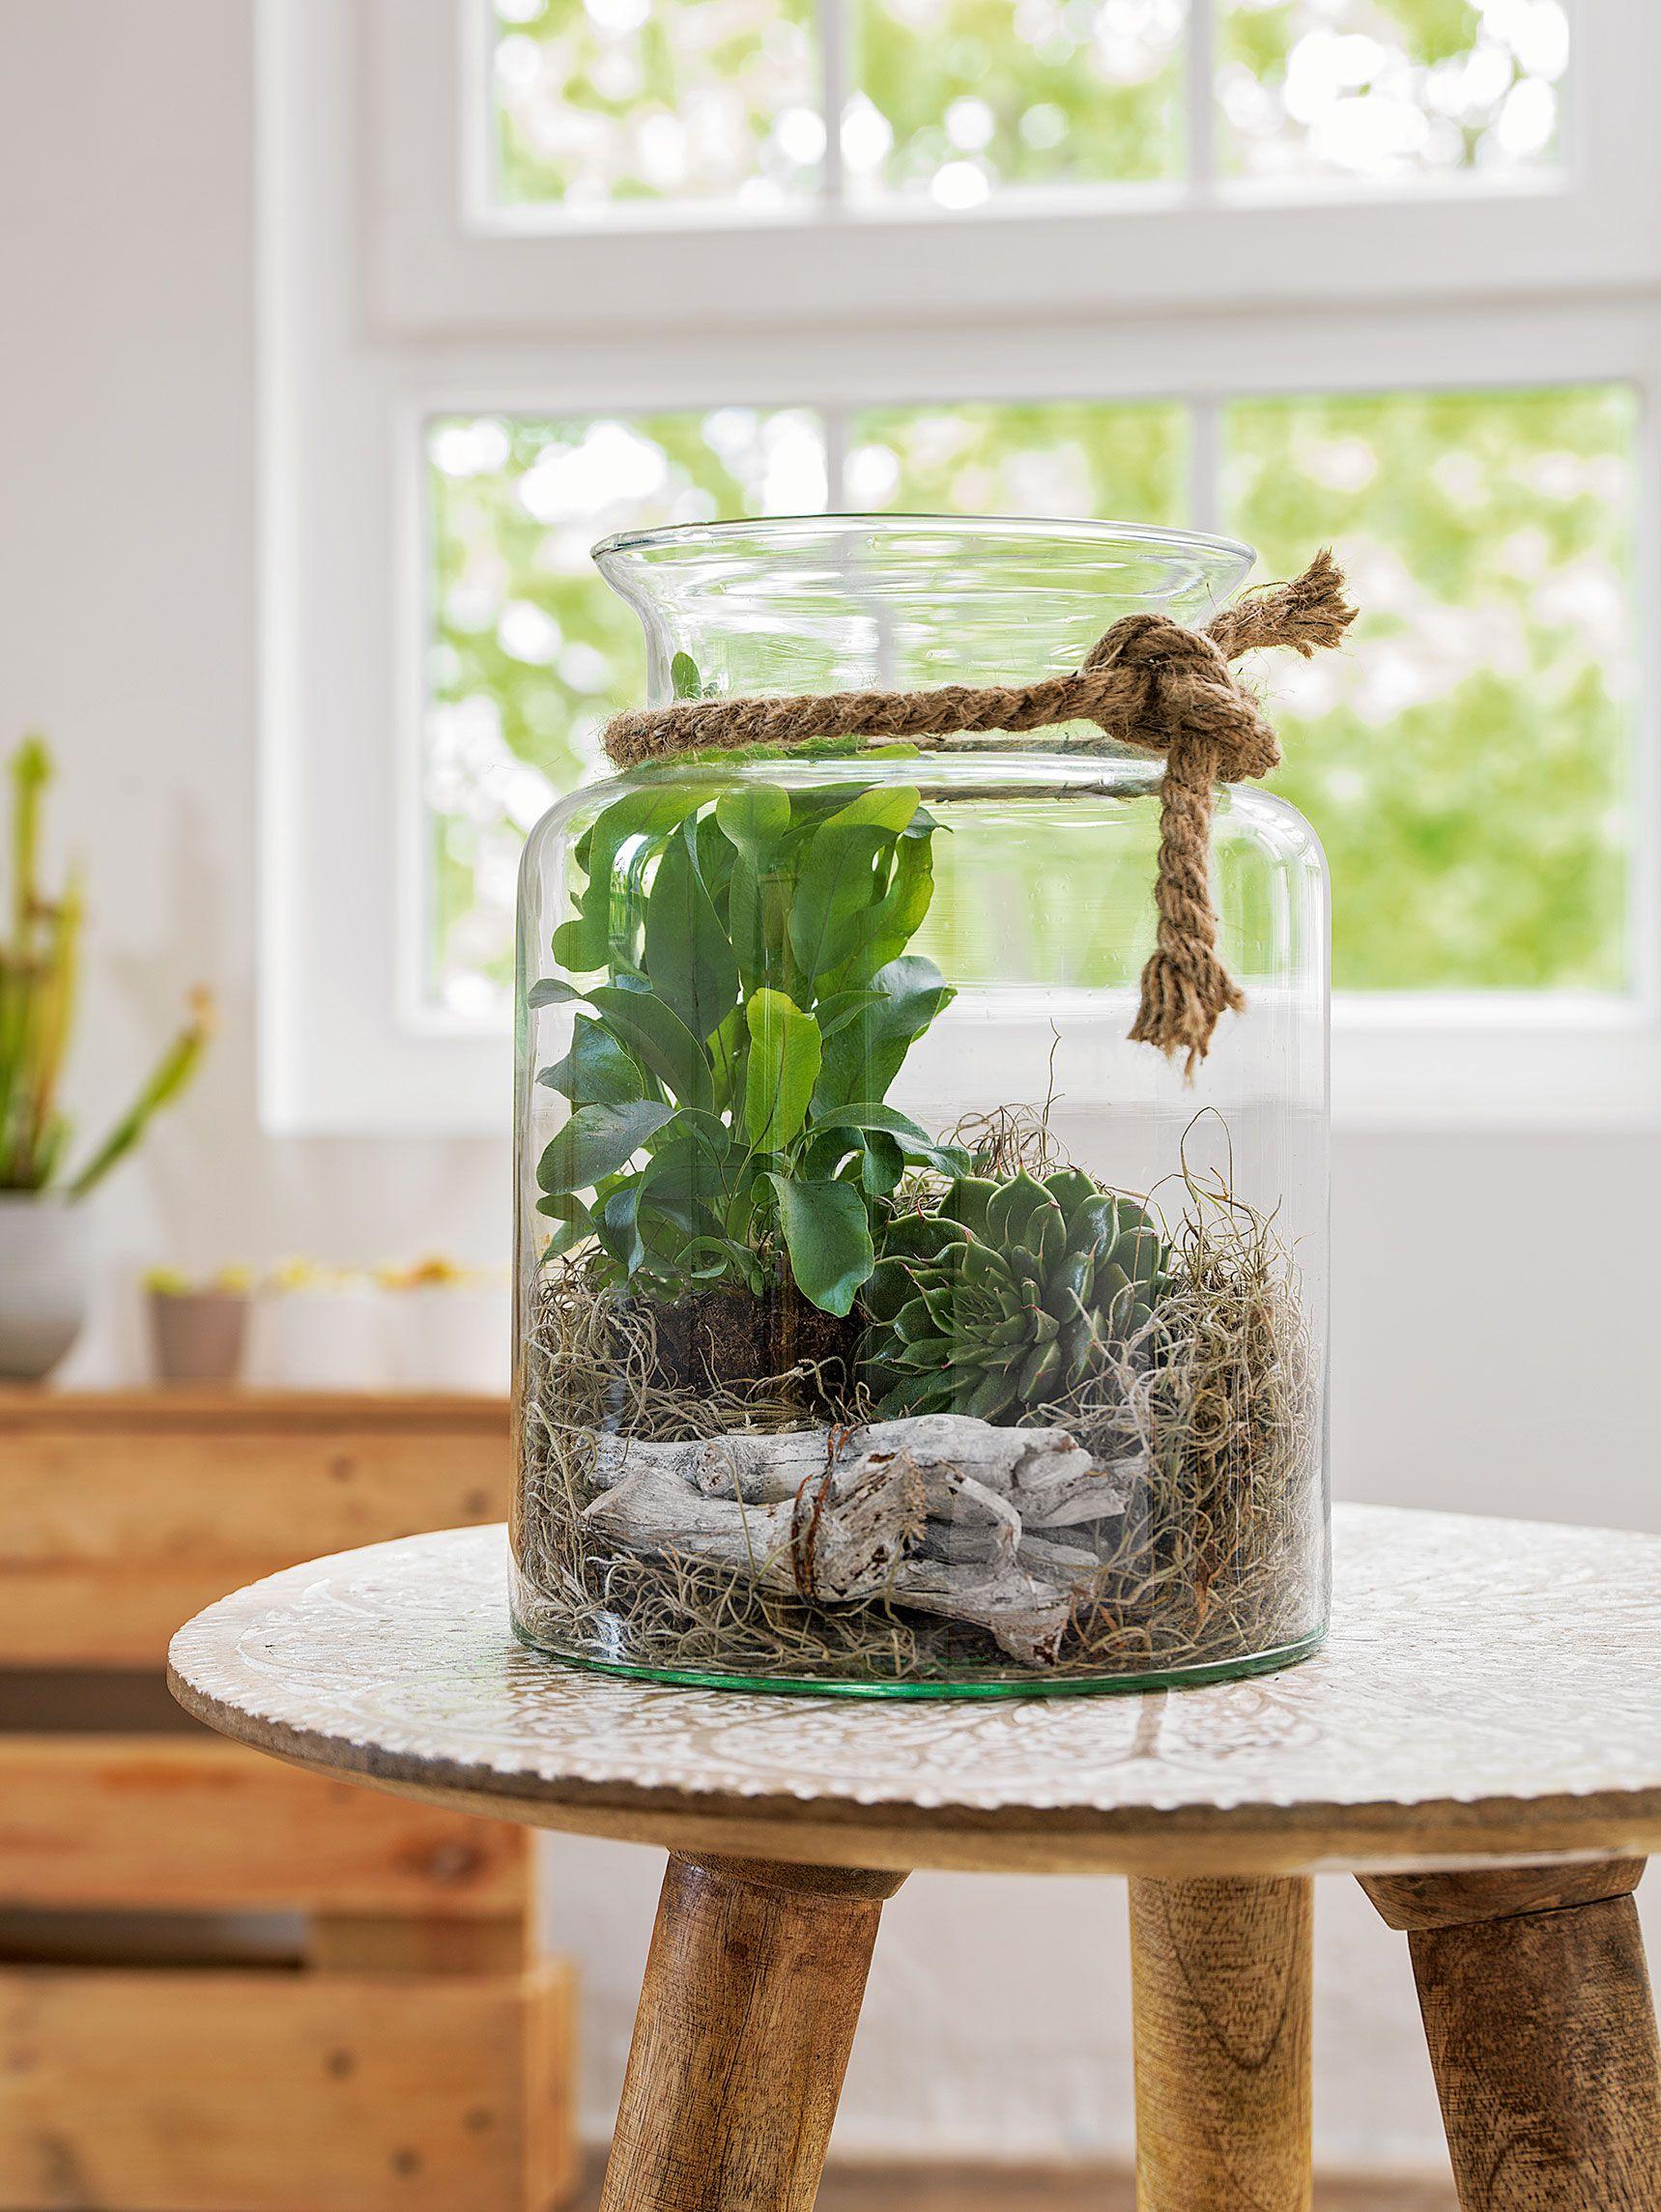 25 b sta plante grasse d int rieur id erna p pinterest - Plante grasse d interieur ...